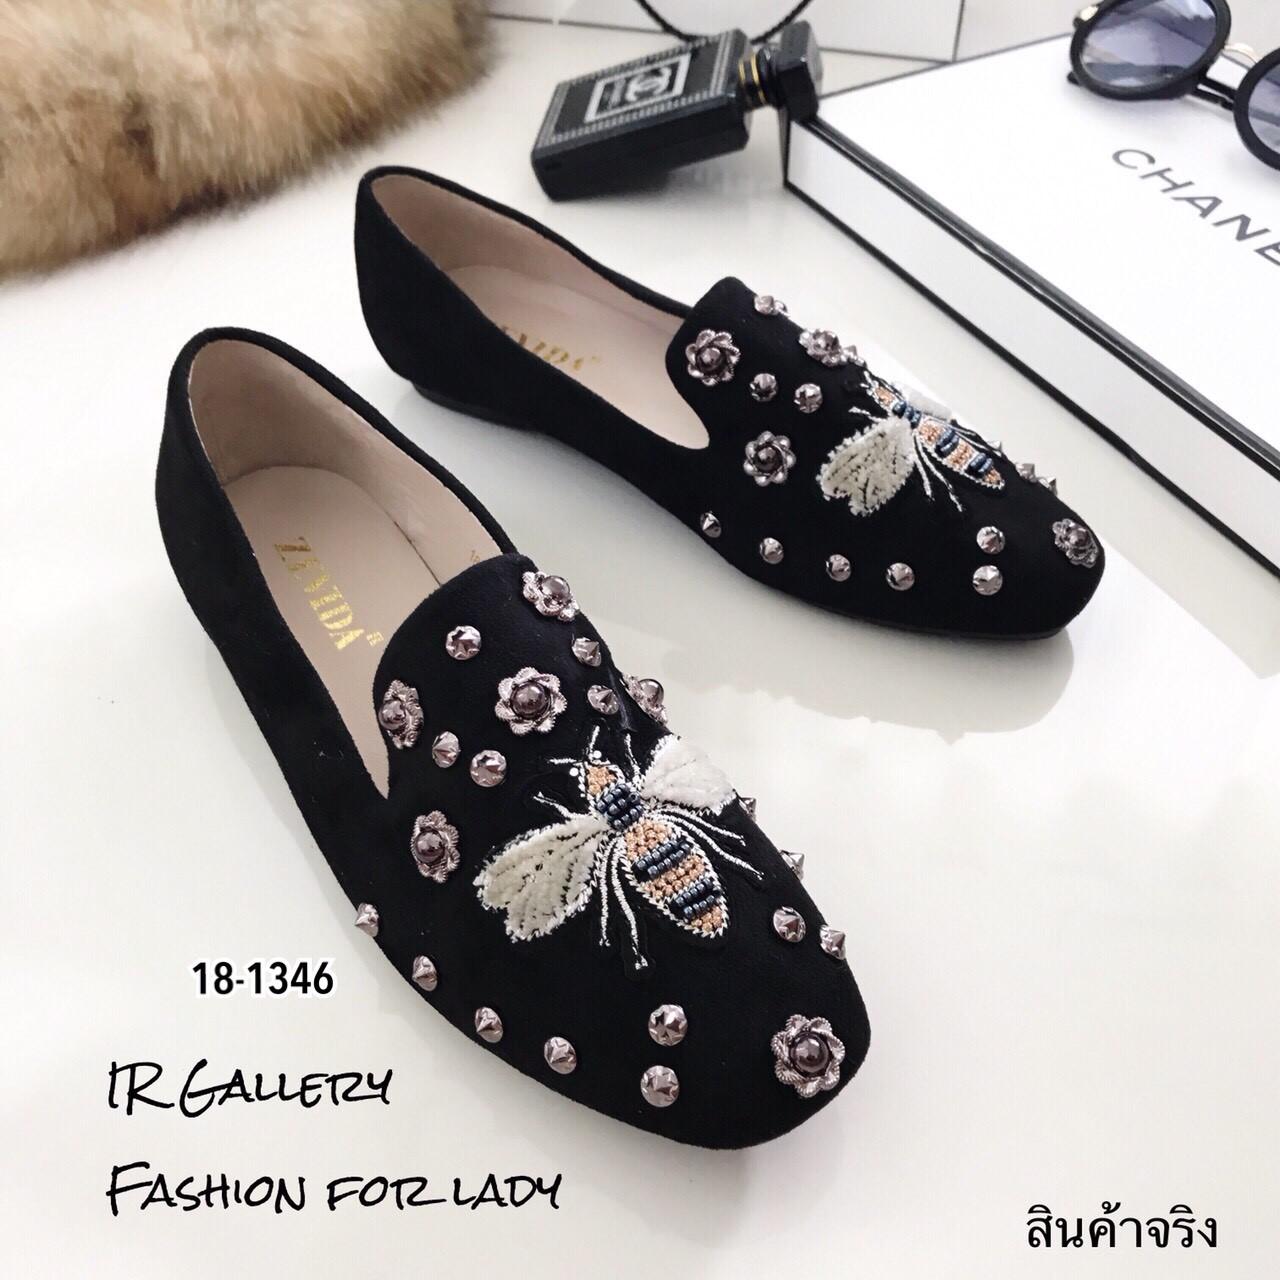 รองเท้าคัทชูทรงสวมปักลายผึ้ง Style Gucci (สีดำ)